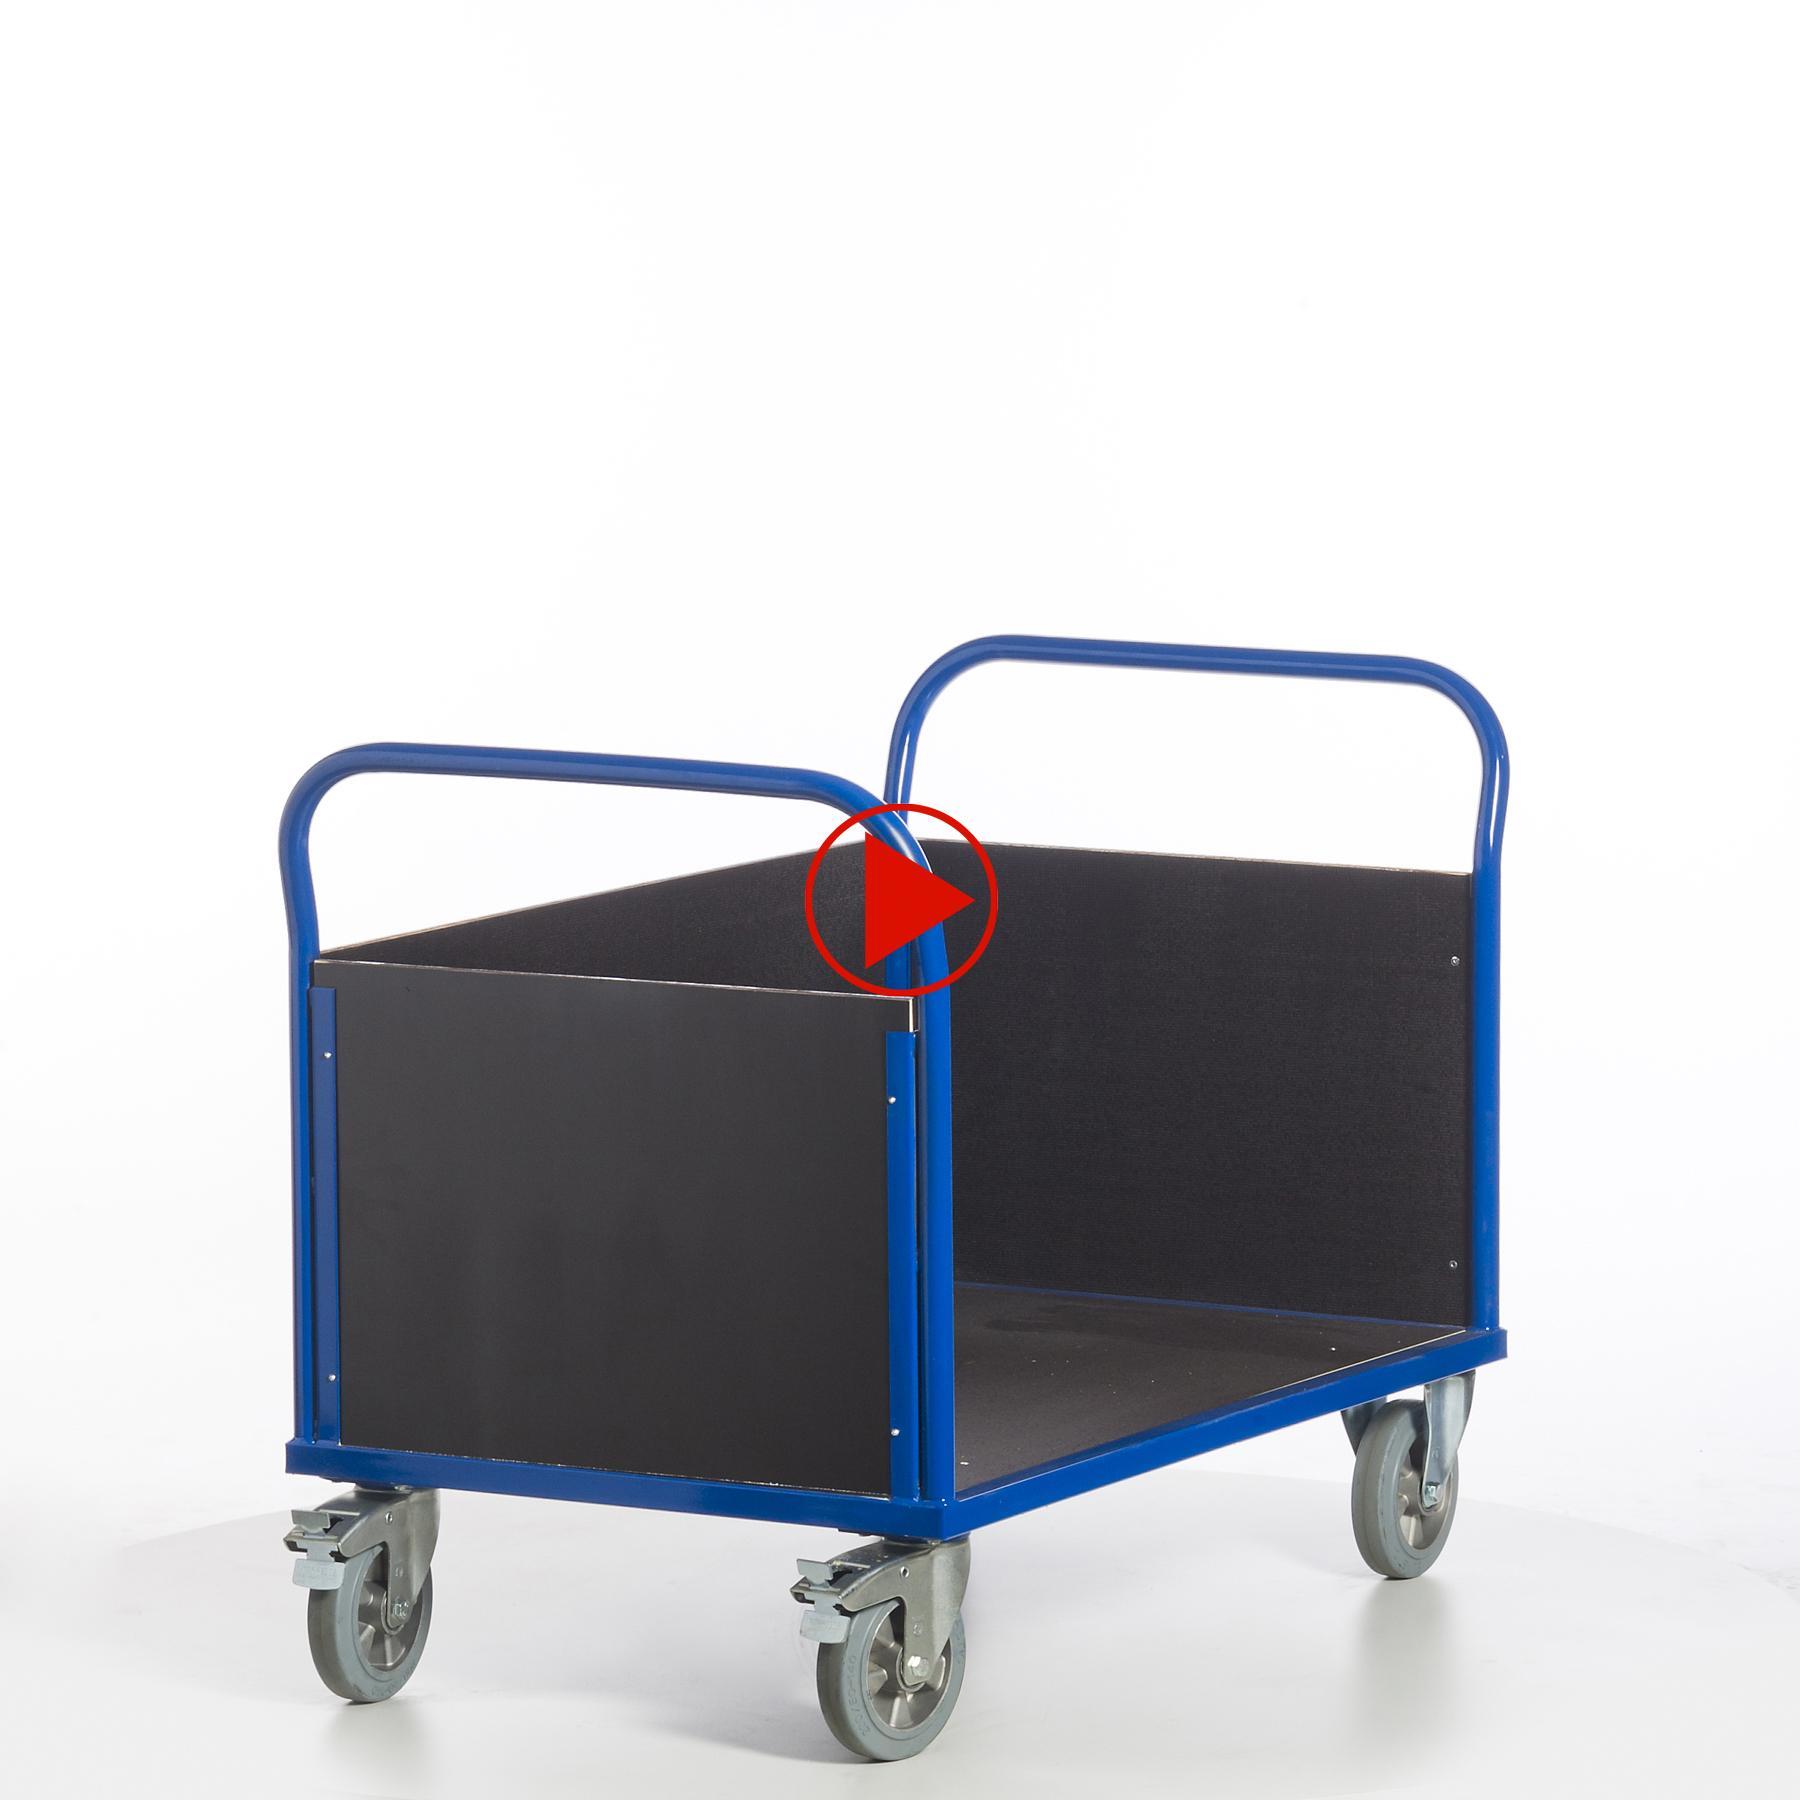 Rundumansicht für Transportwagen mit drei Wänden